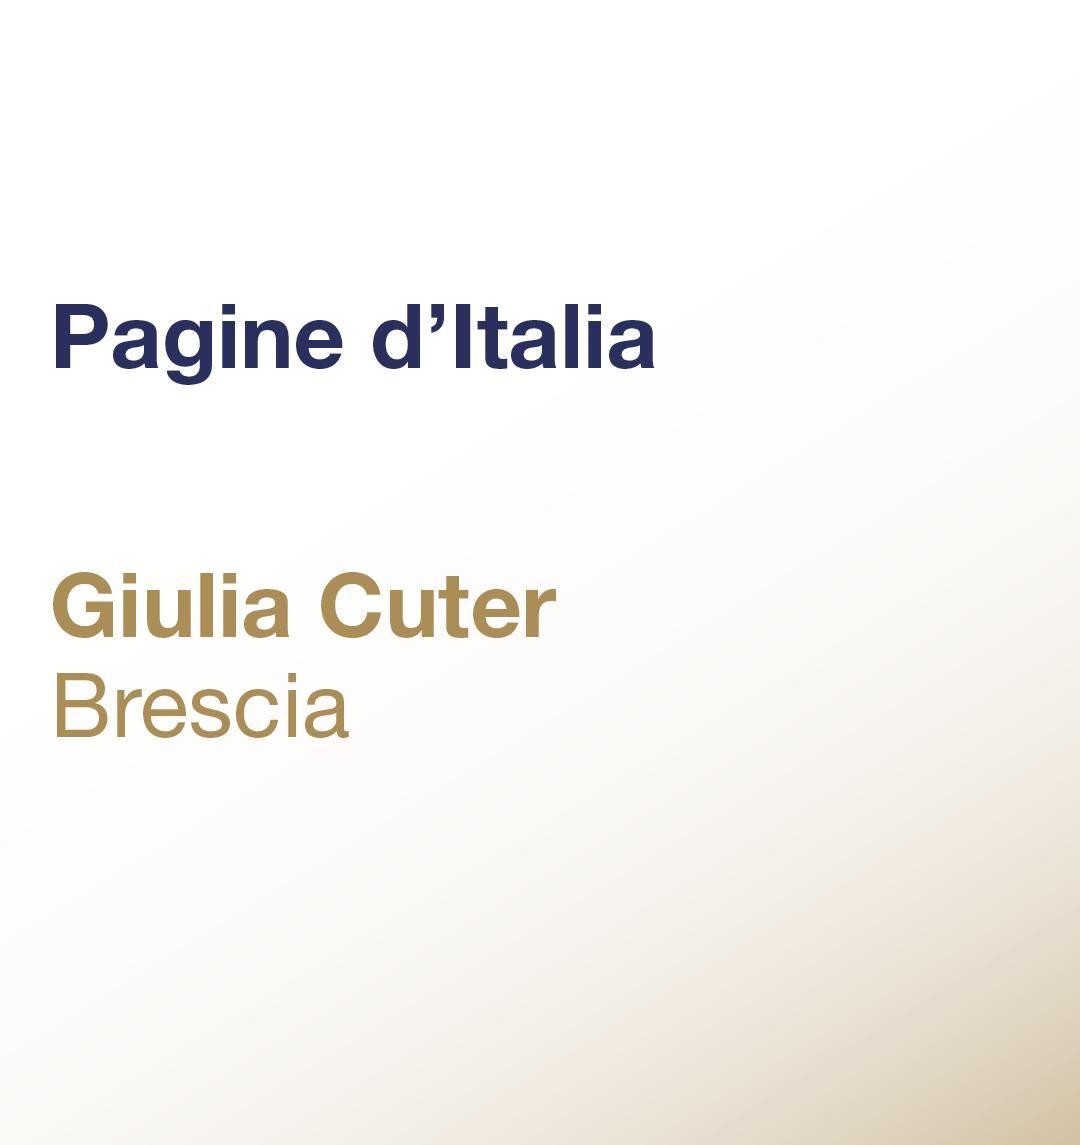 Pagine d'Italia – Giulia Cuter – Brescia